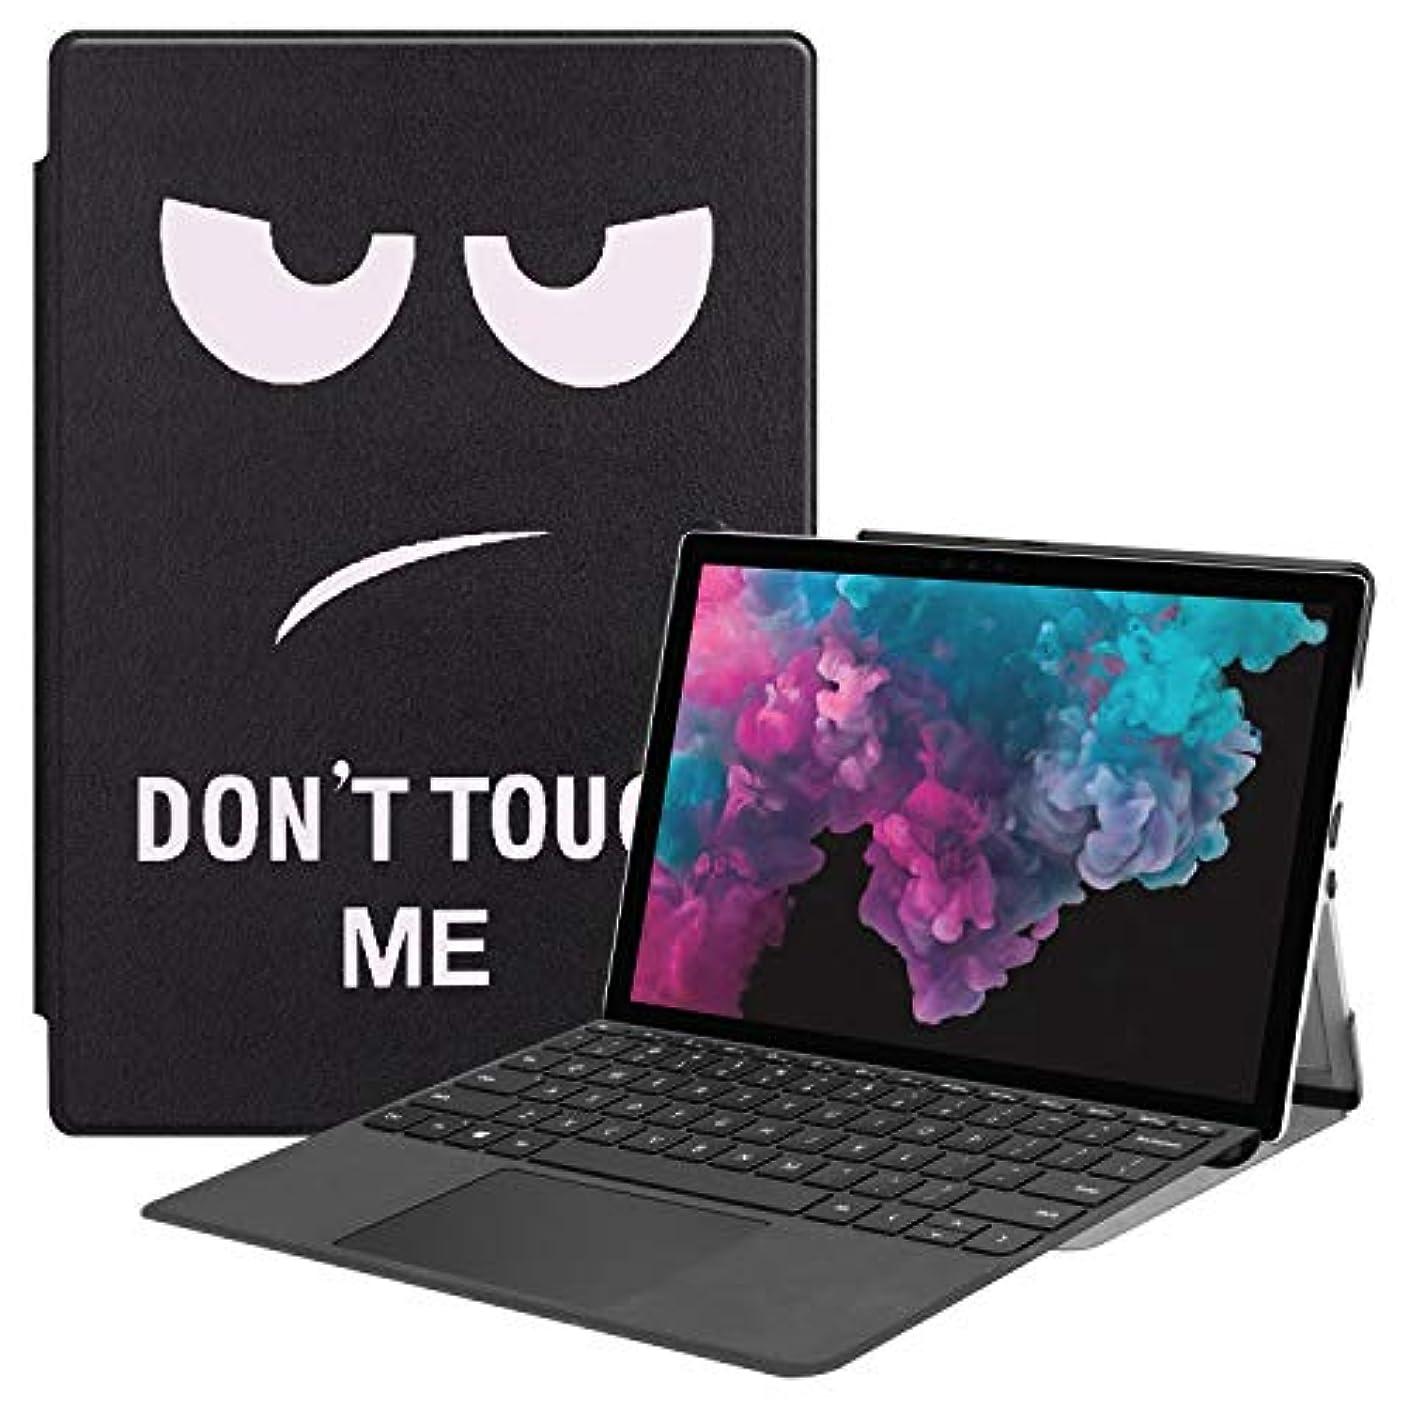 習慣民主主義出力【E-COAST】 MicroSoft Surface Pro 4/ Surface Pro 5/ Surface Pro 6 専用ケース 折畳式 スタンド機能付き 保護カバー (Don't touch me)